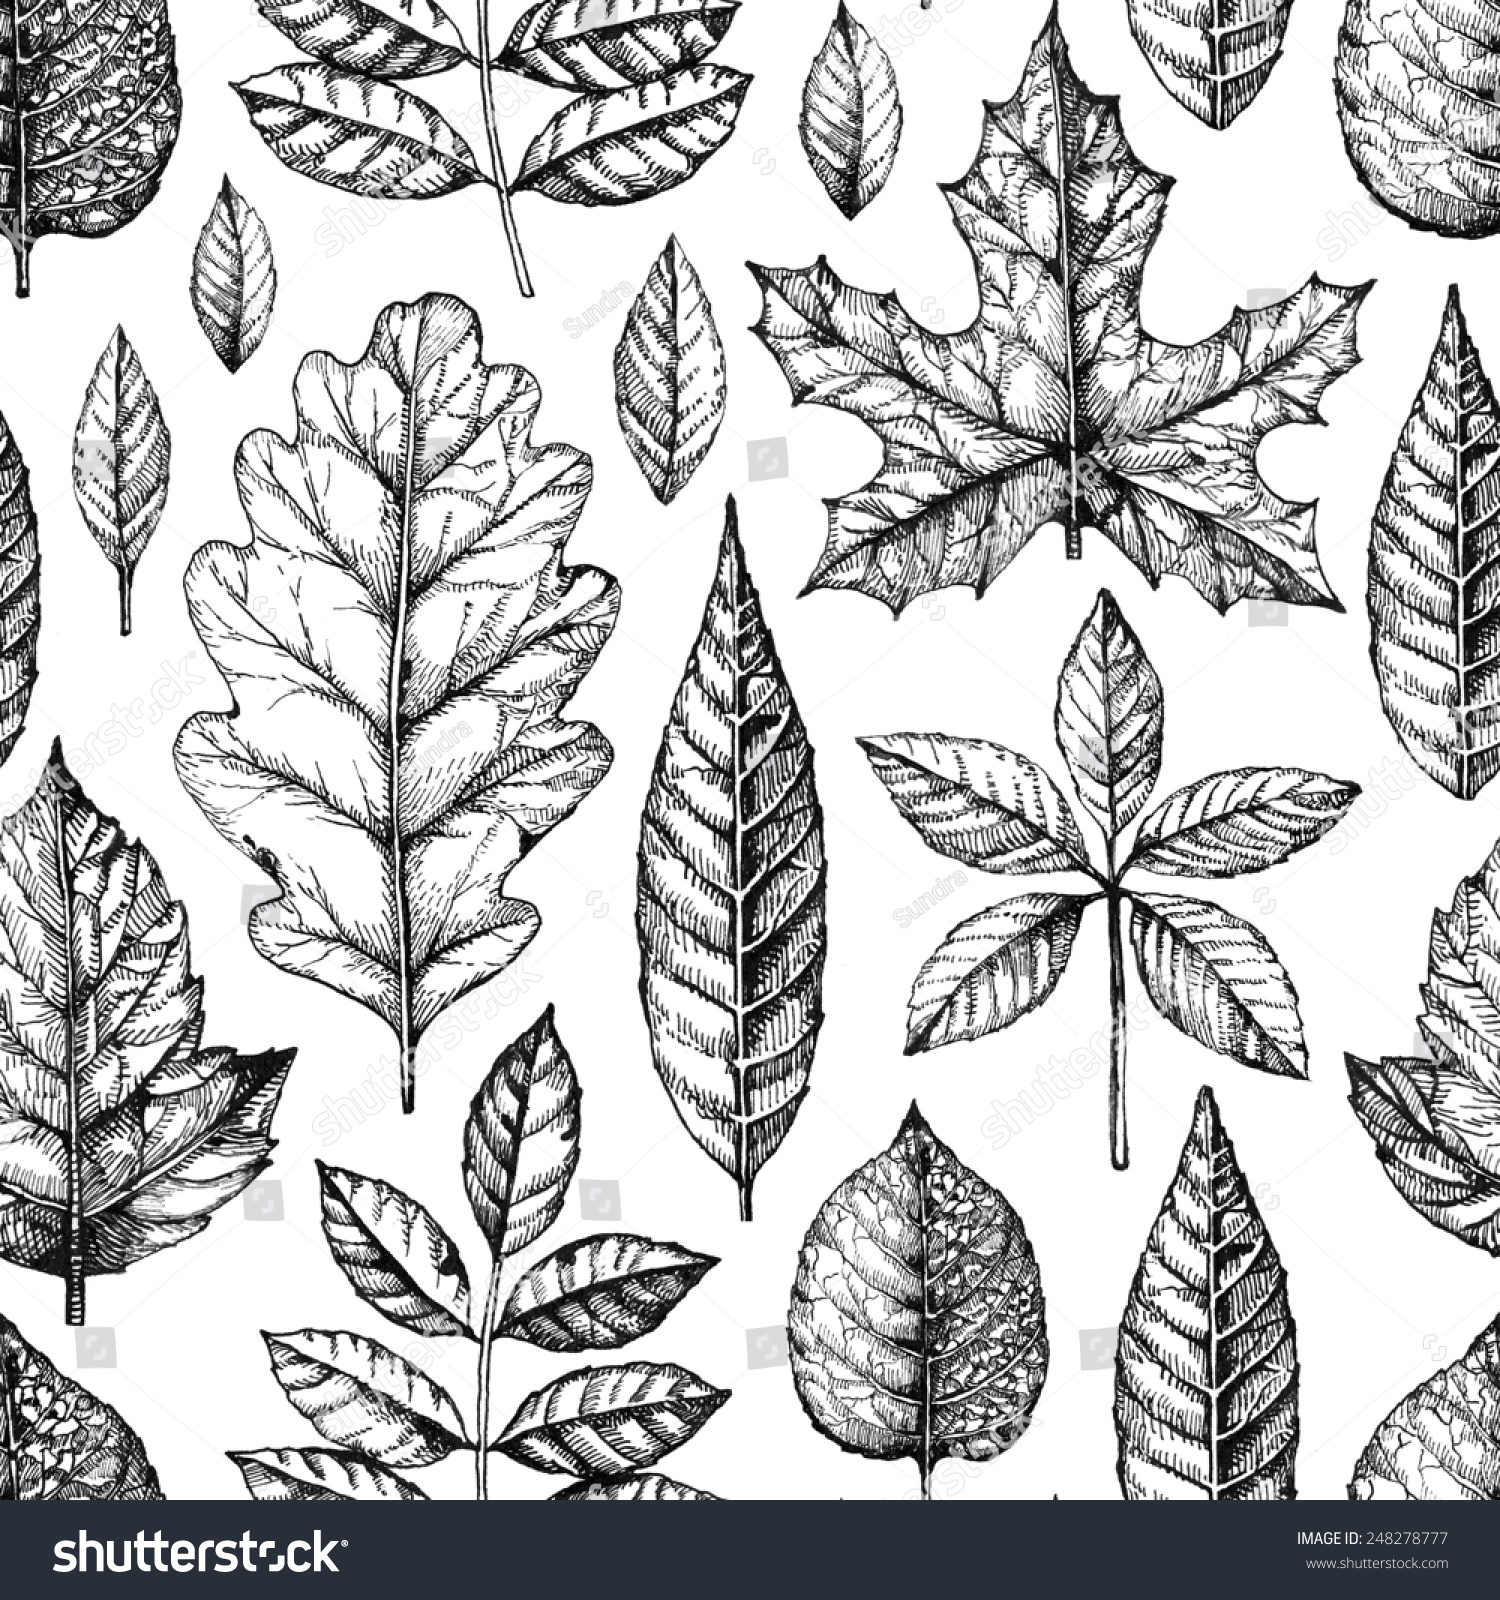 无缝模式树叶画-背景/素材,自然-海洛创意(hellorf)-.